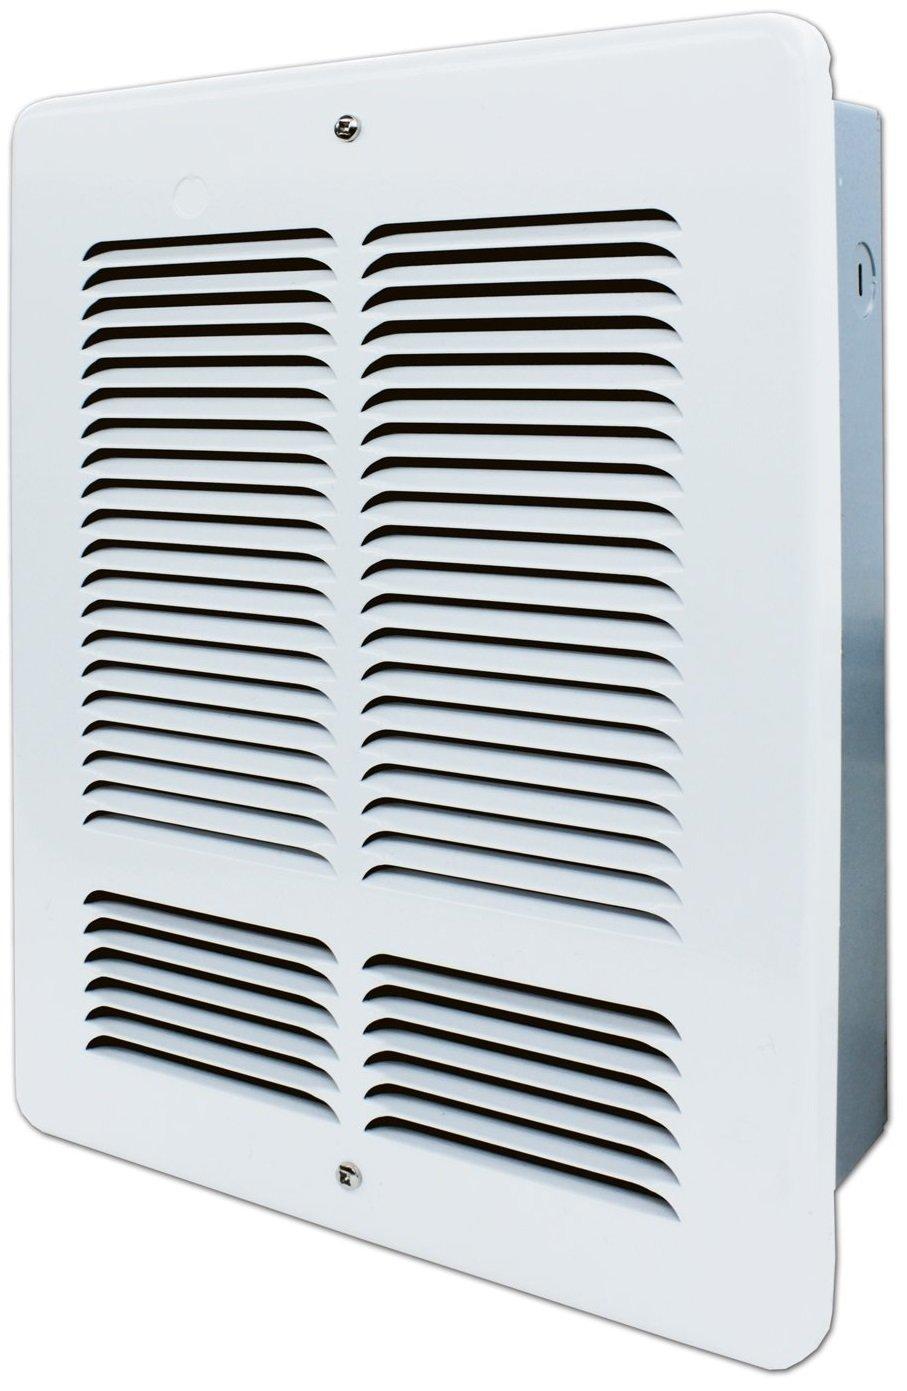 Unique 120 Volt Electric Garage Heater